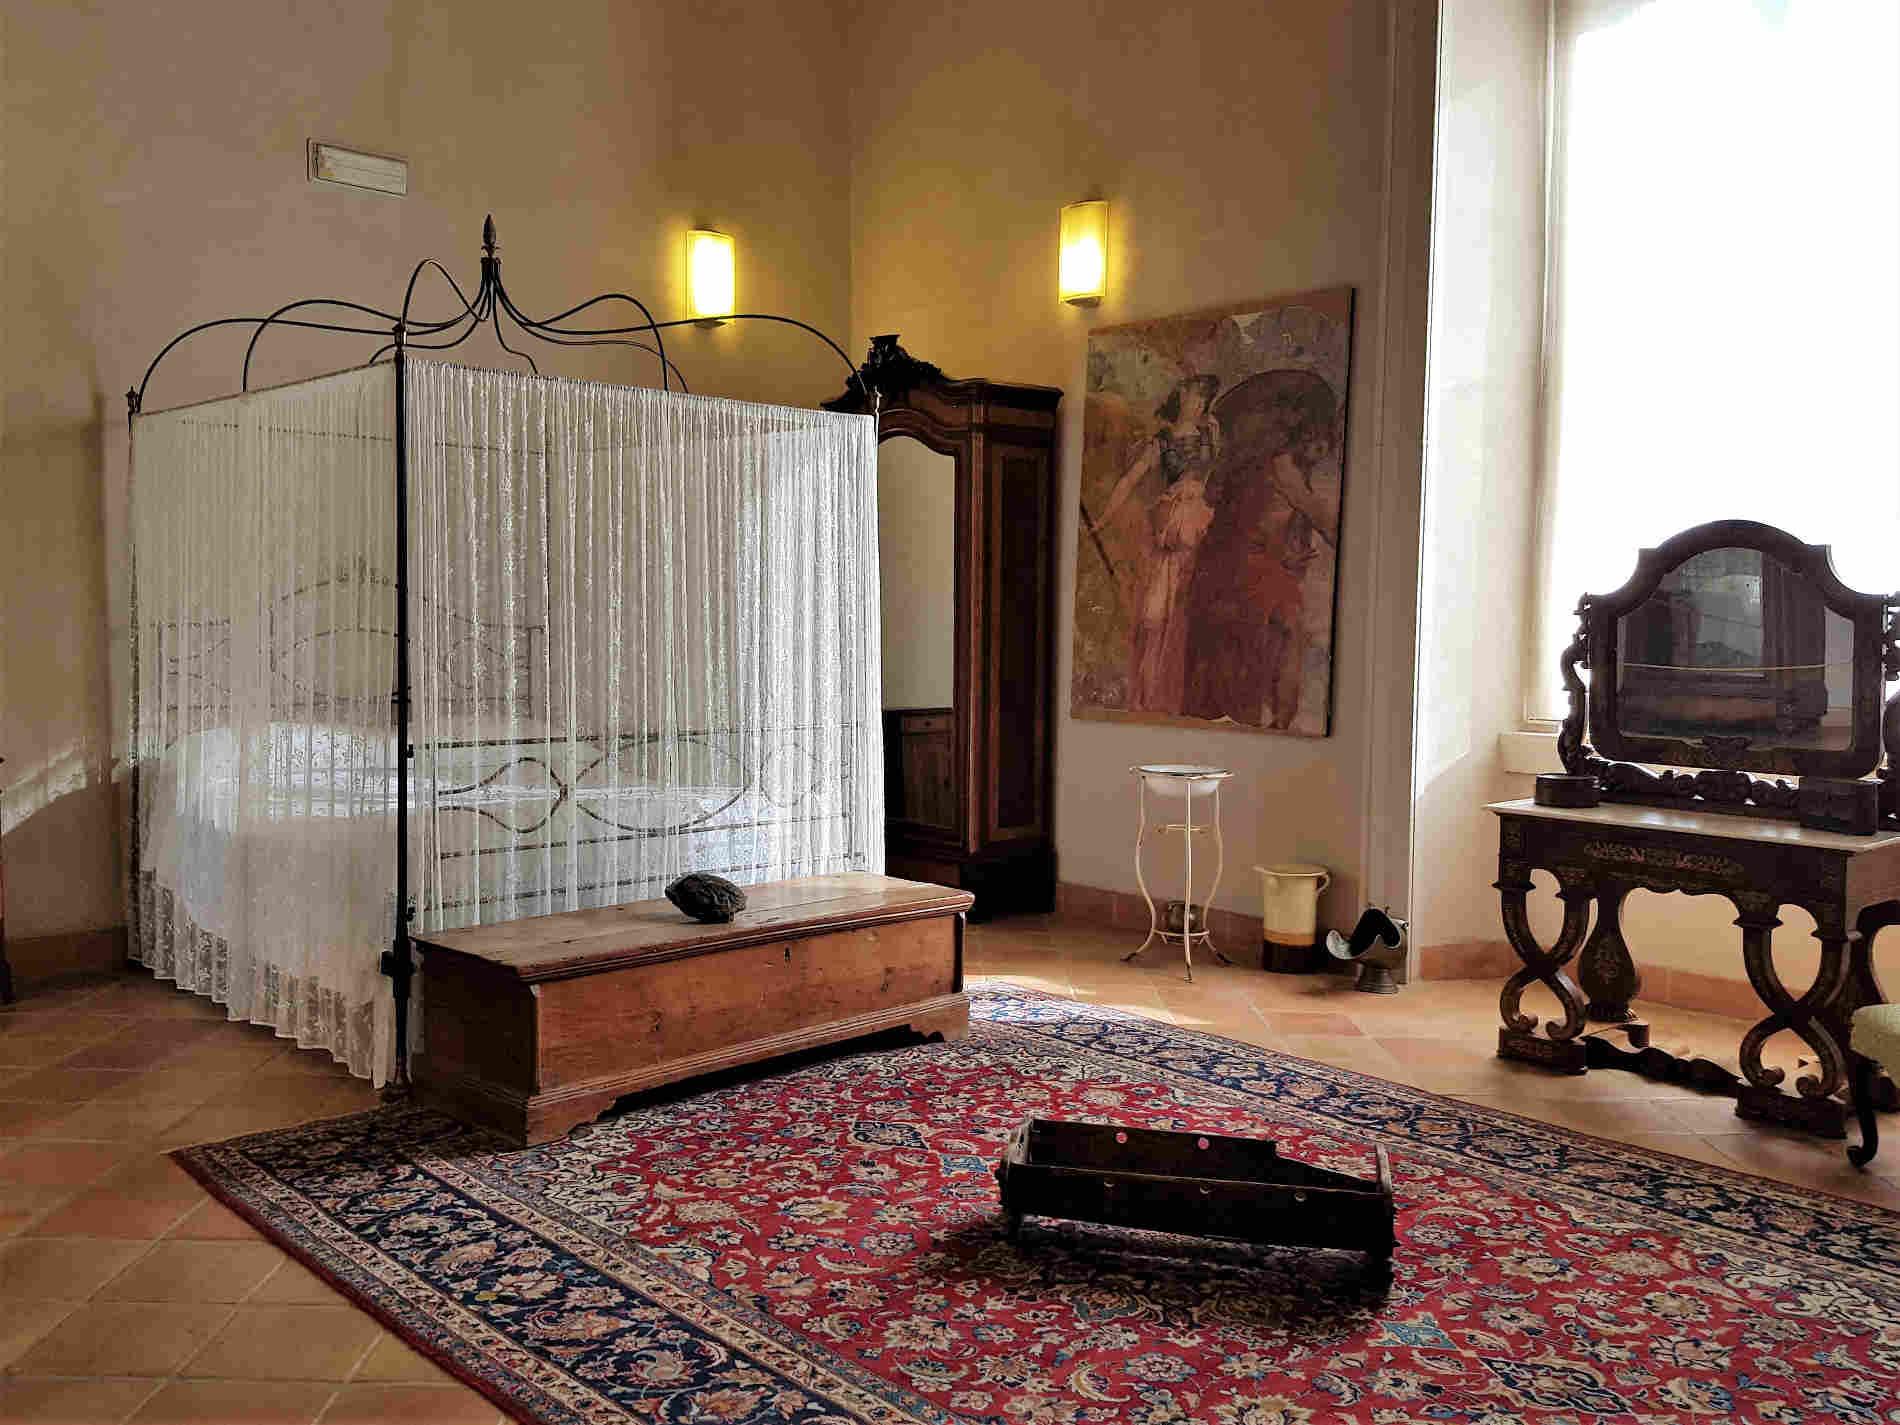 Camera da letto della Baronessa e culla sul tappeto Visitare il Castello Ducale di Corigliano Calabro - Camera da letto della Baronessa e culla sul tappeto